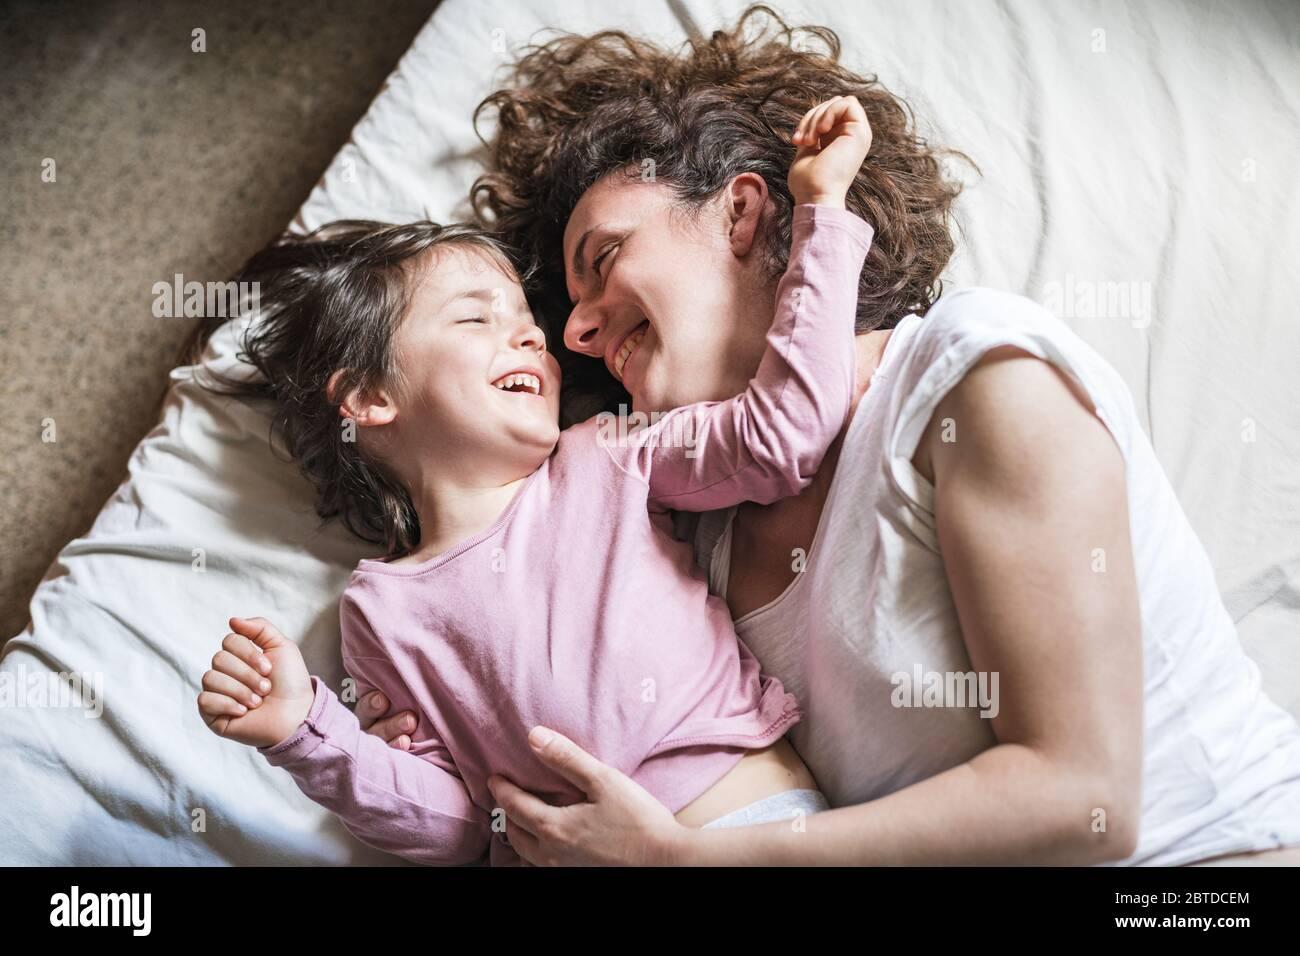 Una madre e sua figlia sorridono mentre si carezzano e giocano intorno su un letto Foto Stock